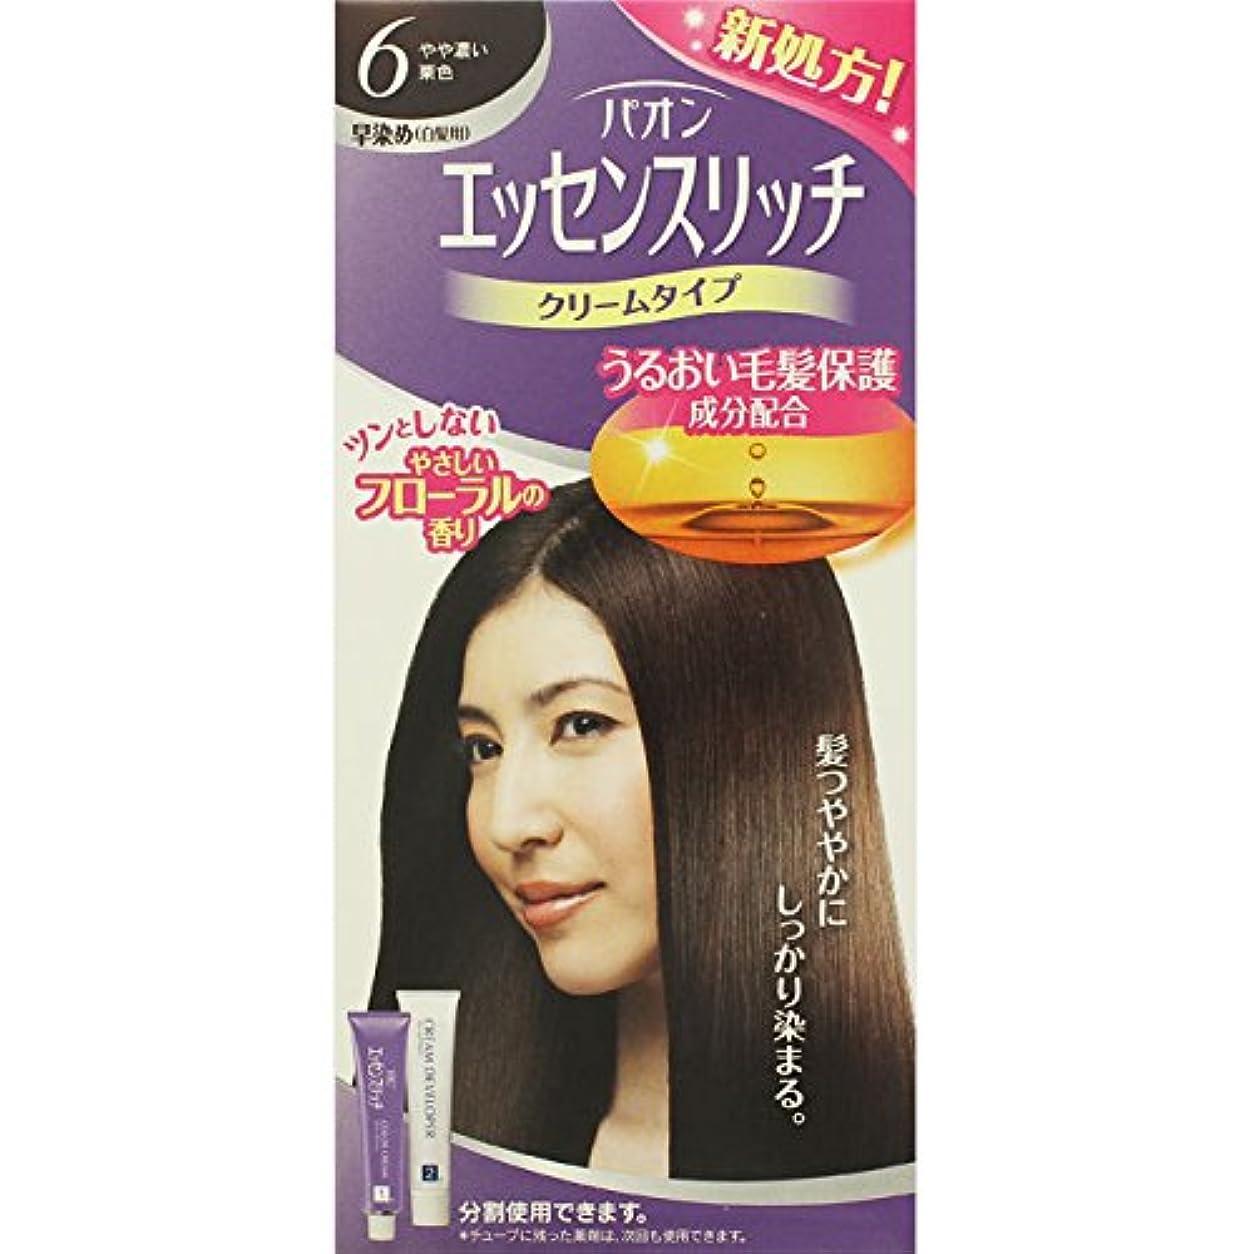 噴出する余分な広告ヘンケルライオンコスメティックス パオン エッセンスリッチ クリームタイプ 6 やや濃い栗色 40g+40g (医薬部外品)